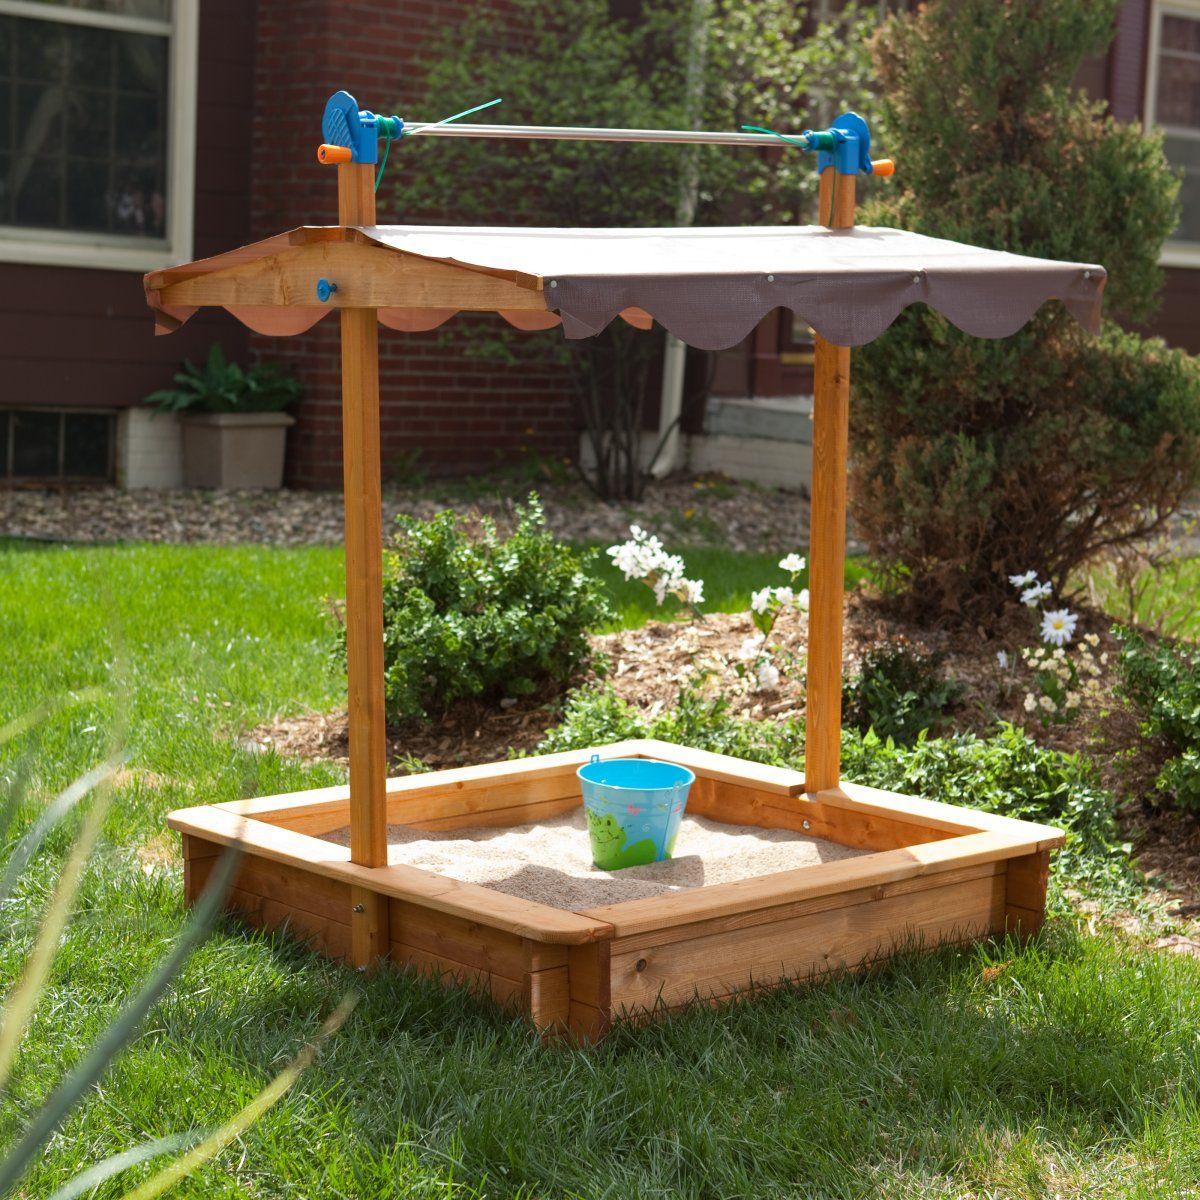 Covered wooden sandbox wooden sandbox easy diy crafts